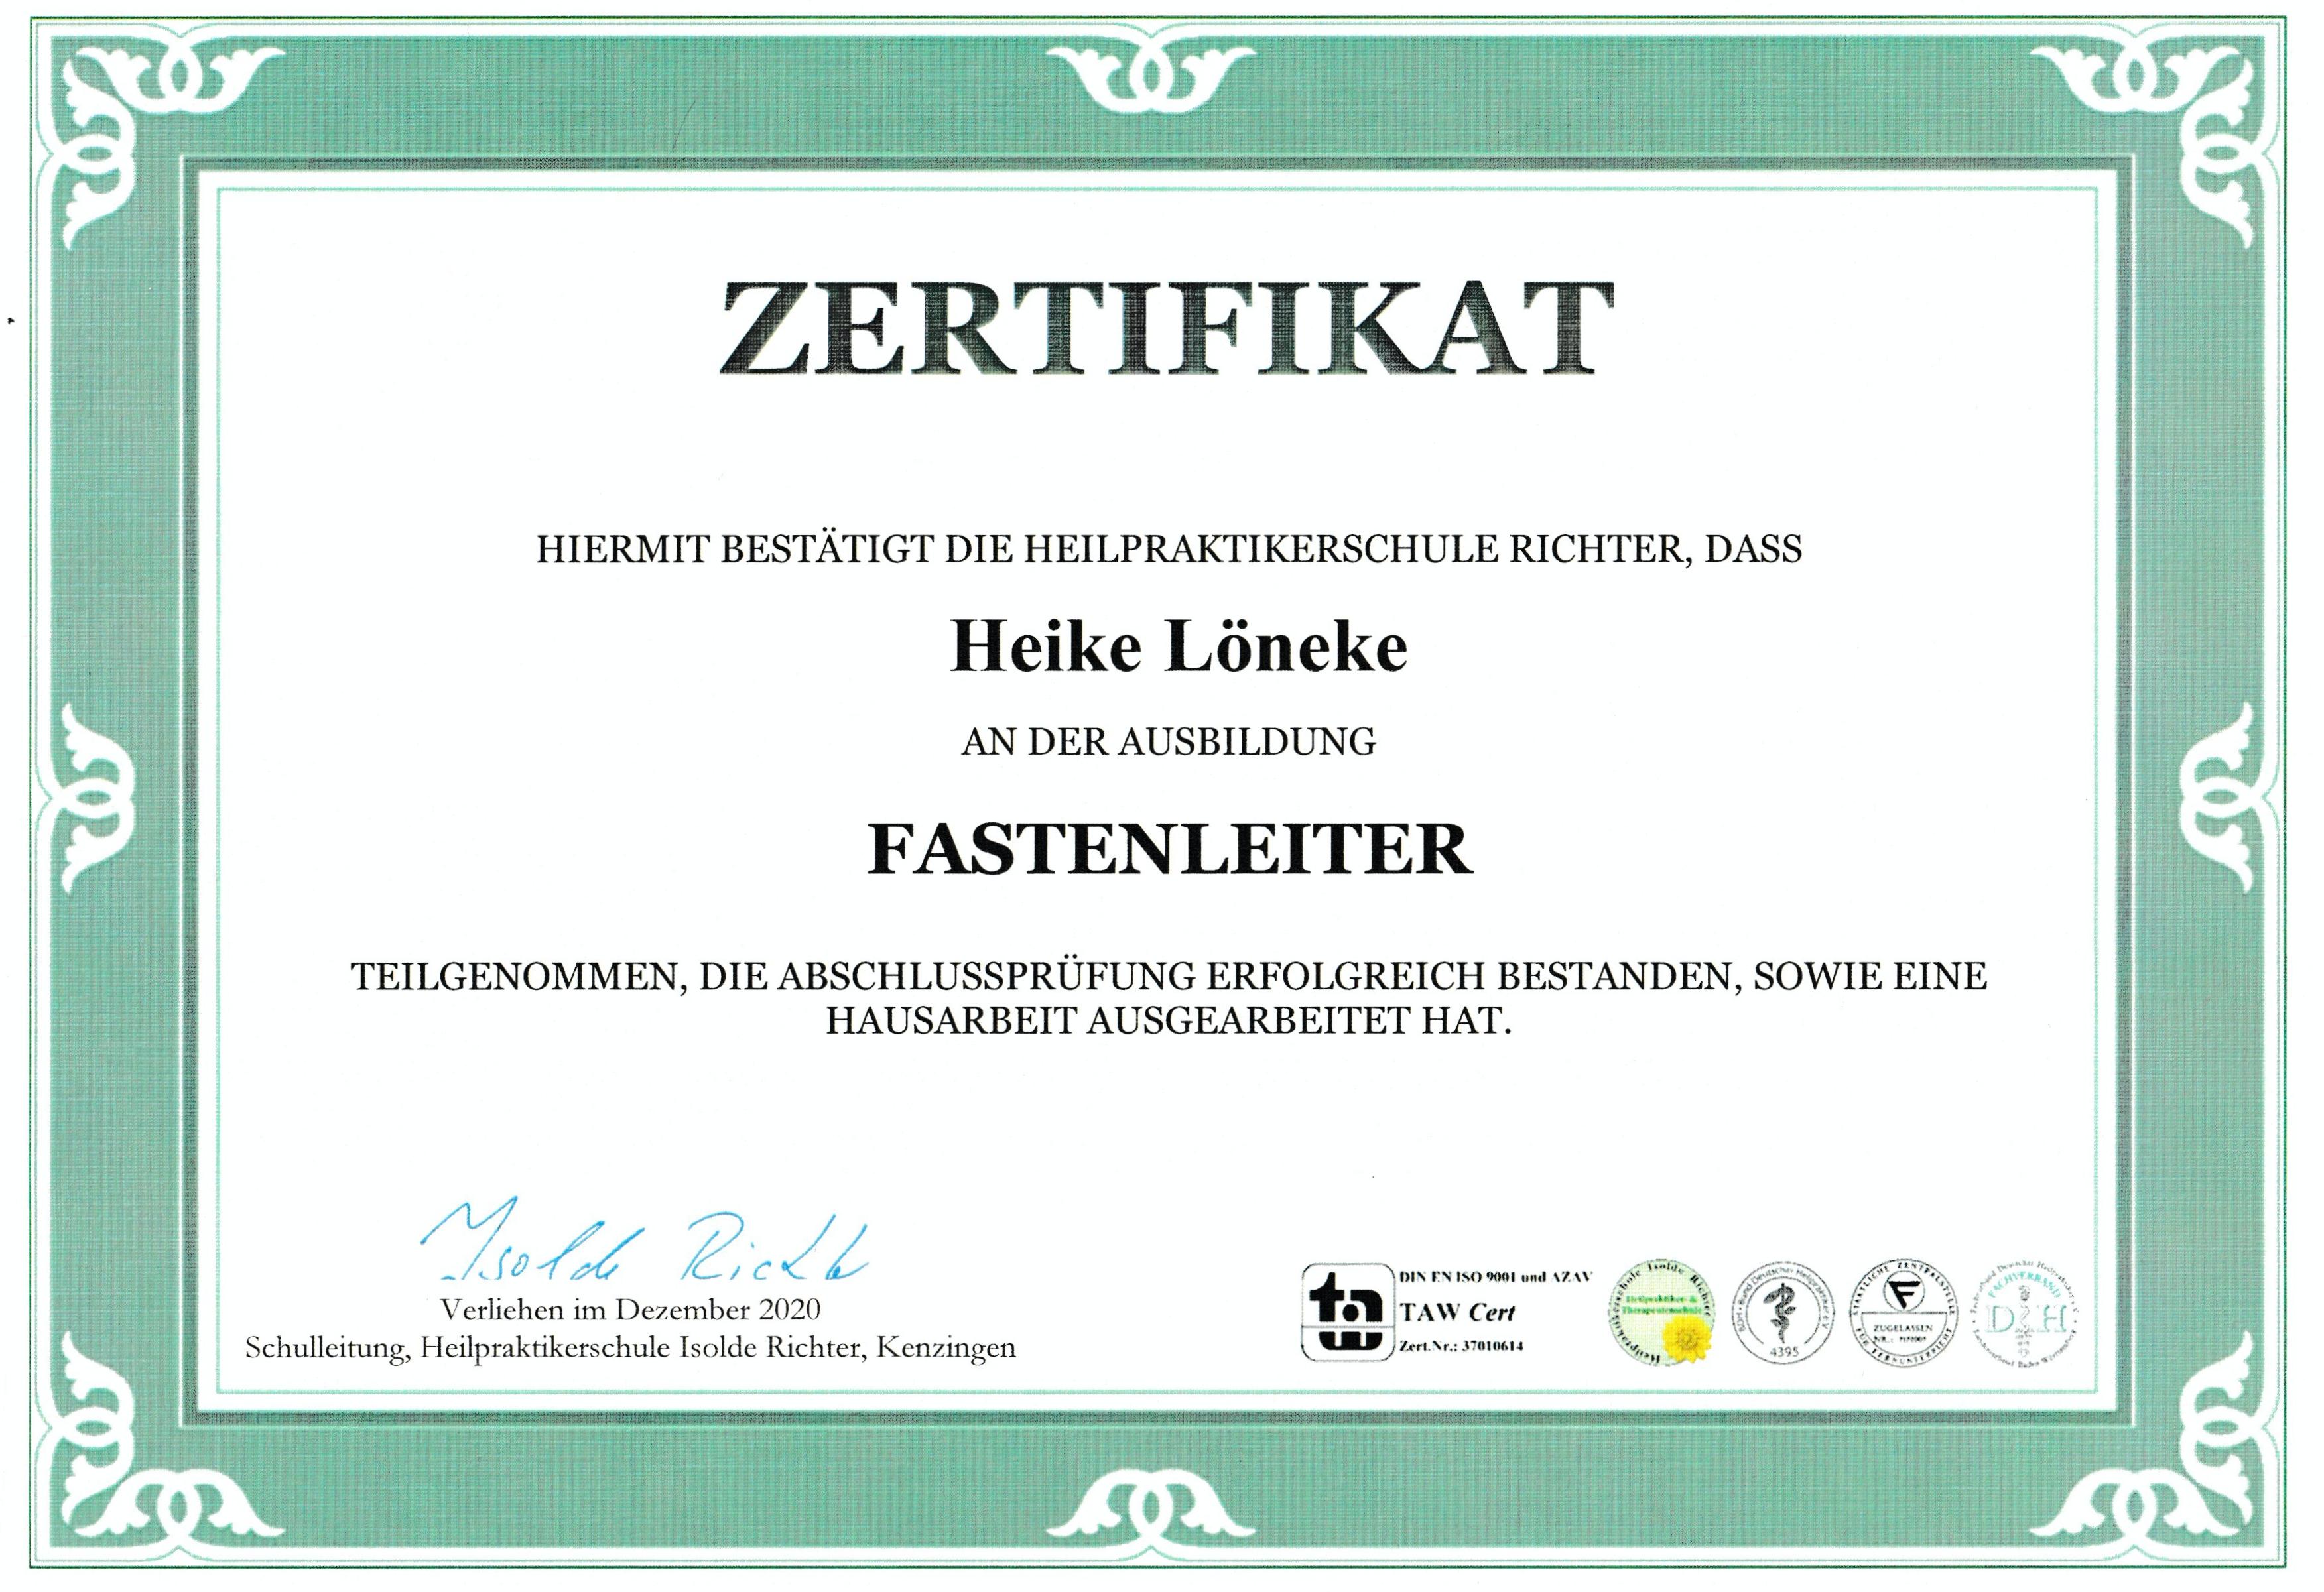 Fastenleiterin_Zertifikat